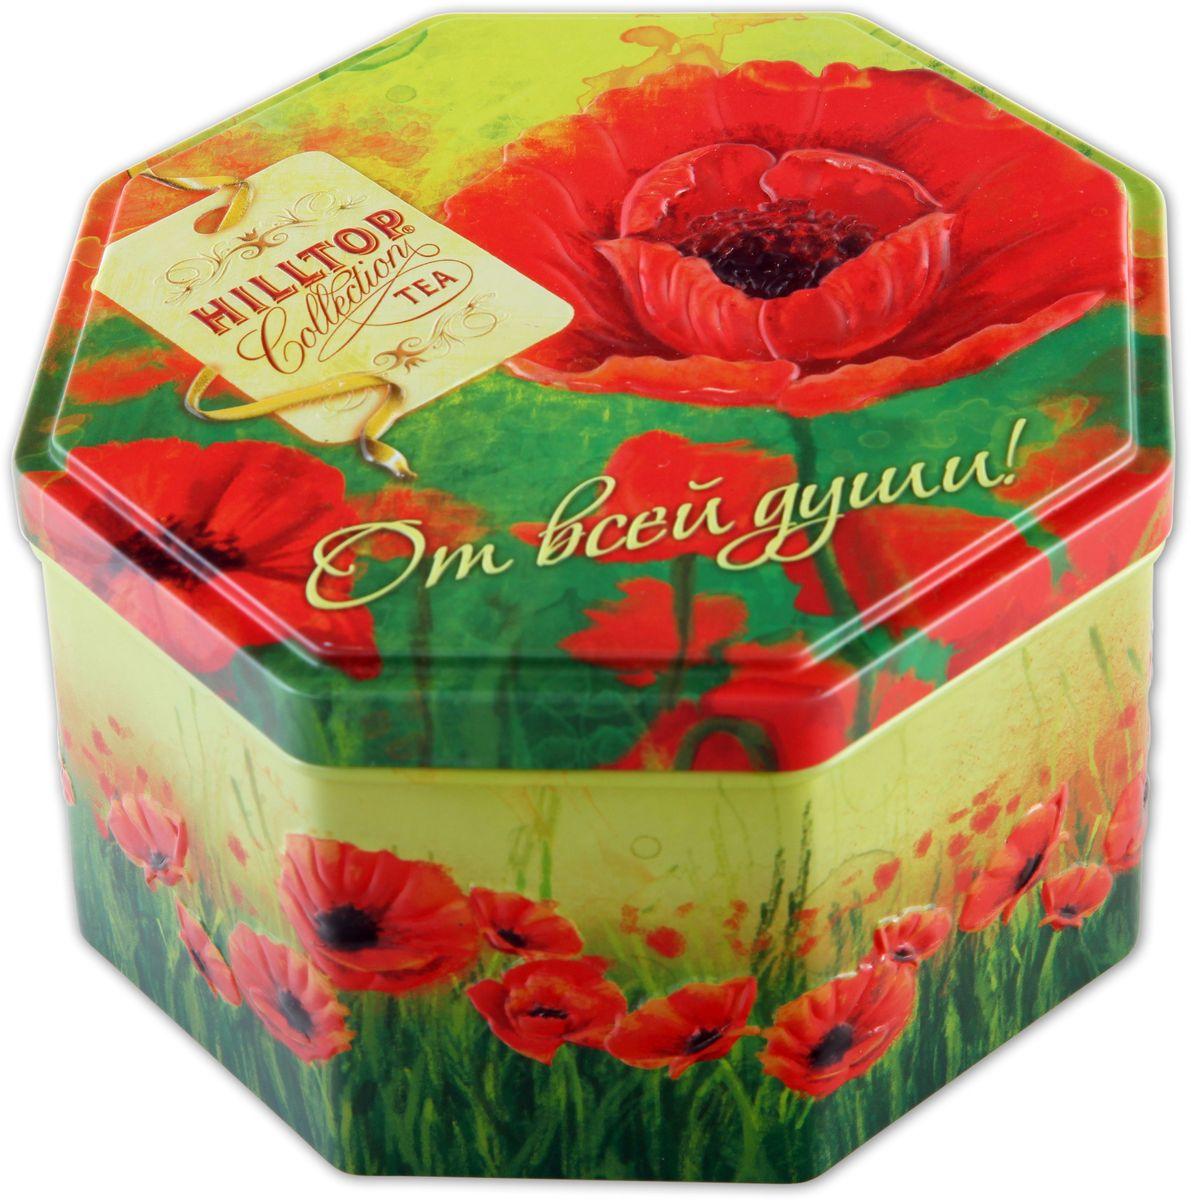 Hilltop Подарок Цейлона. Маков цвет черный листовой чай, 150 г hilltoр волшебный дед мороз чай черный листовой подарок цейлона 80 г